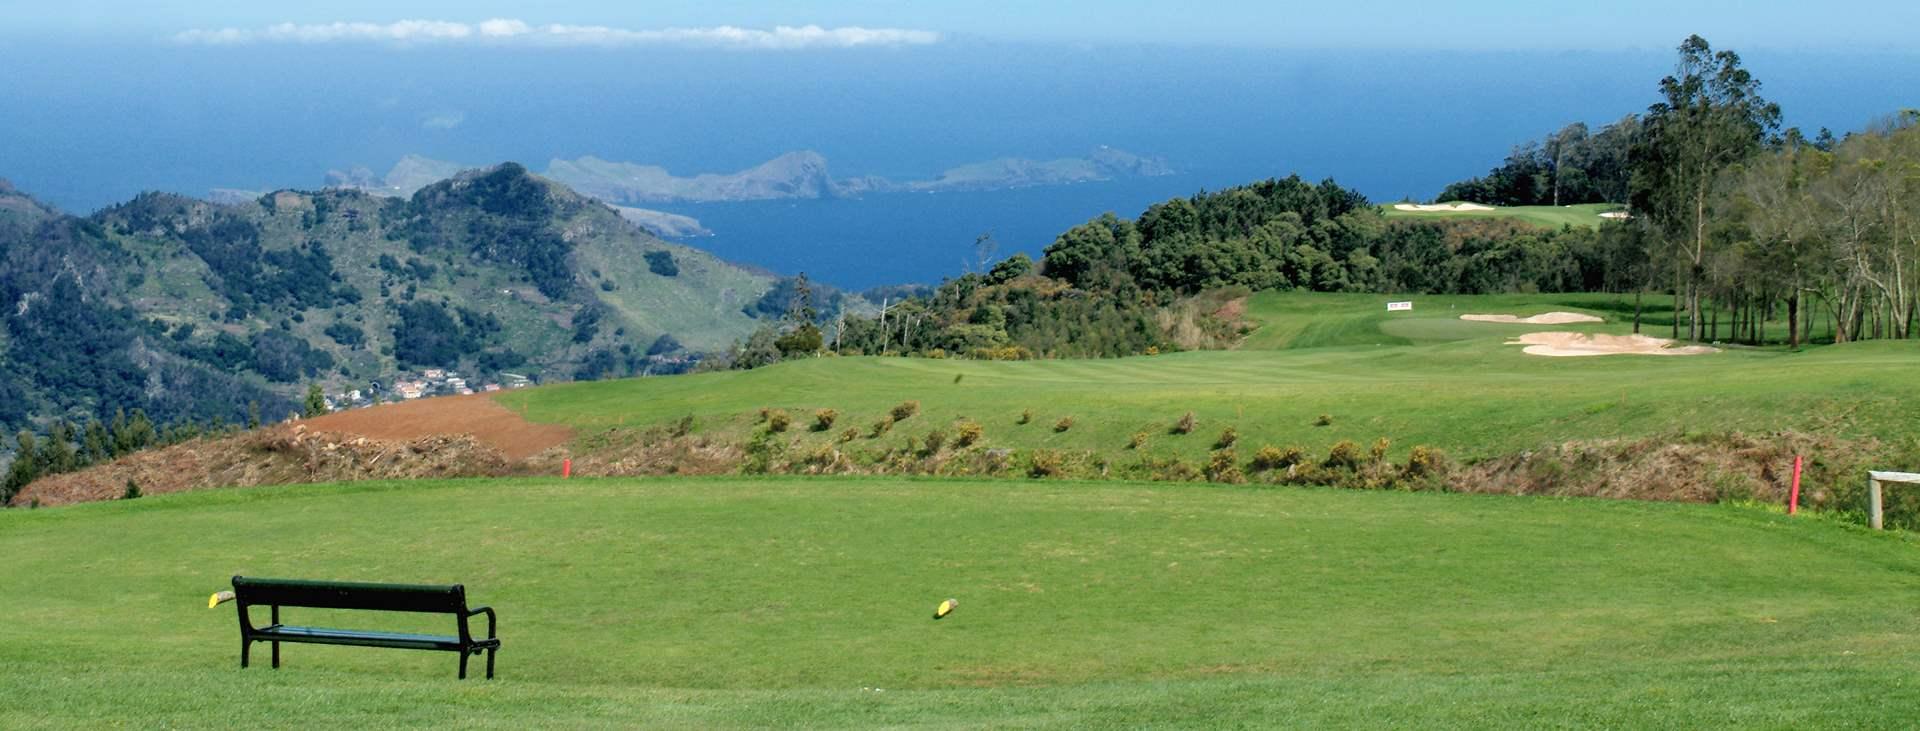 Bestill reisen til Santo da Serra på Madeira med Ving